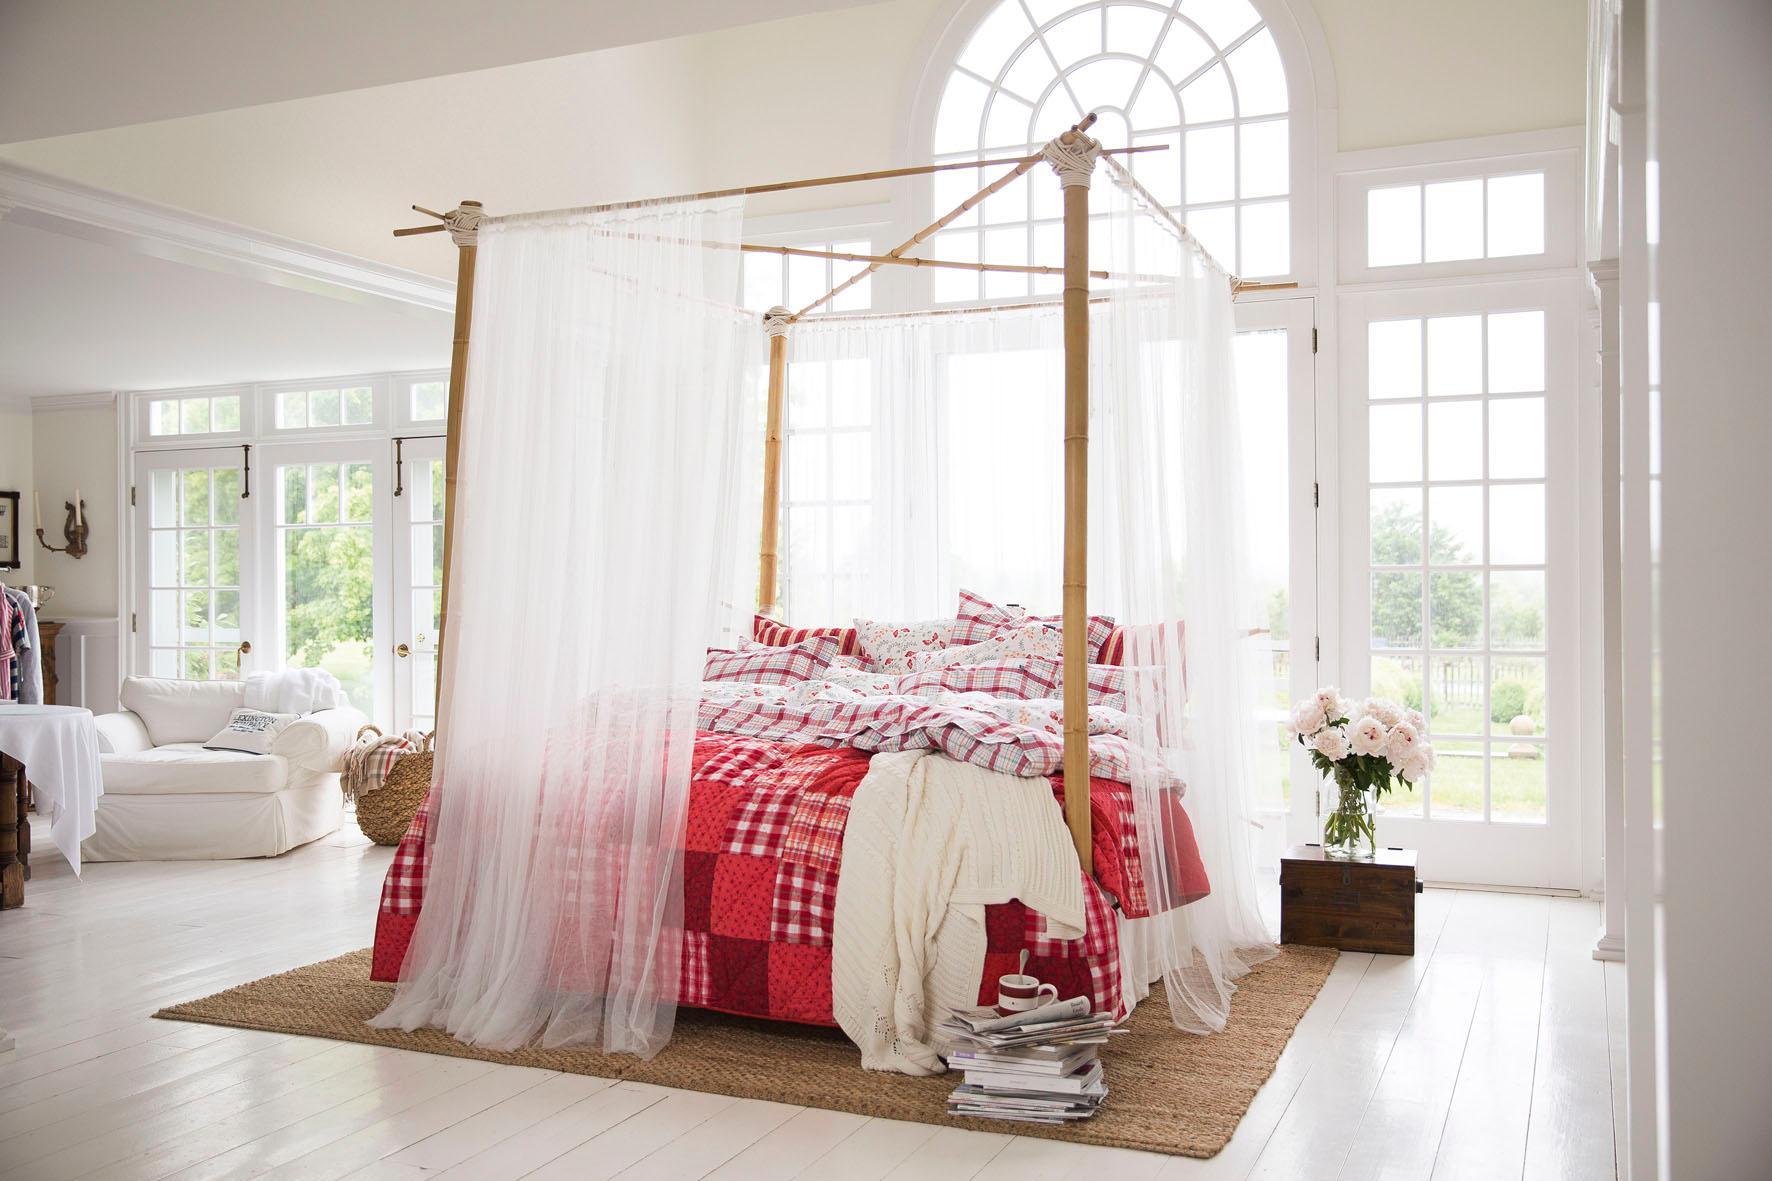 romantisches himmelbett im lichtdurchfluteten schlafzimmer bettwsche himmelbett lexington - Romantisches Hauptschlafzimmer Mit Himmelbett